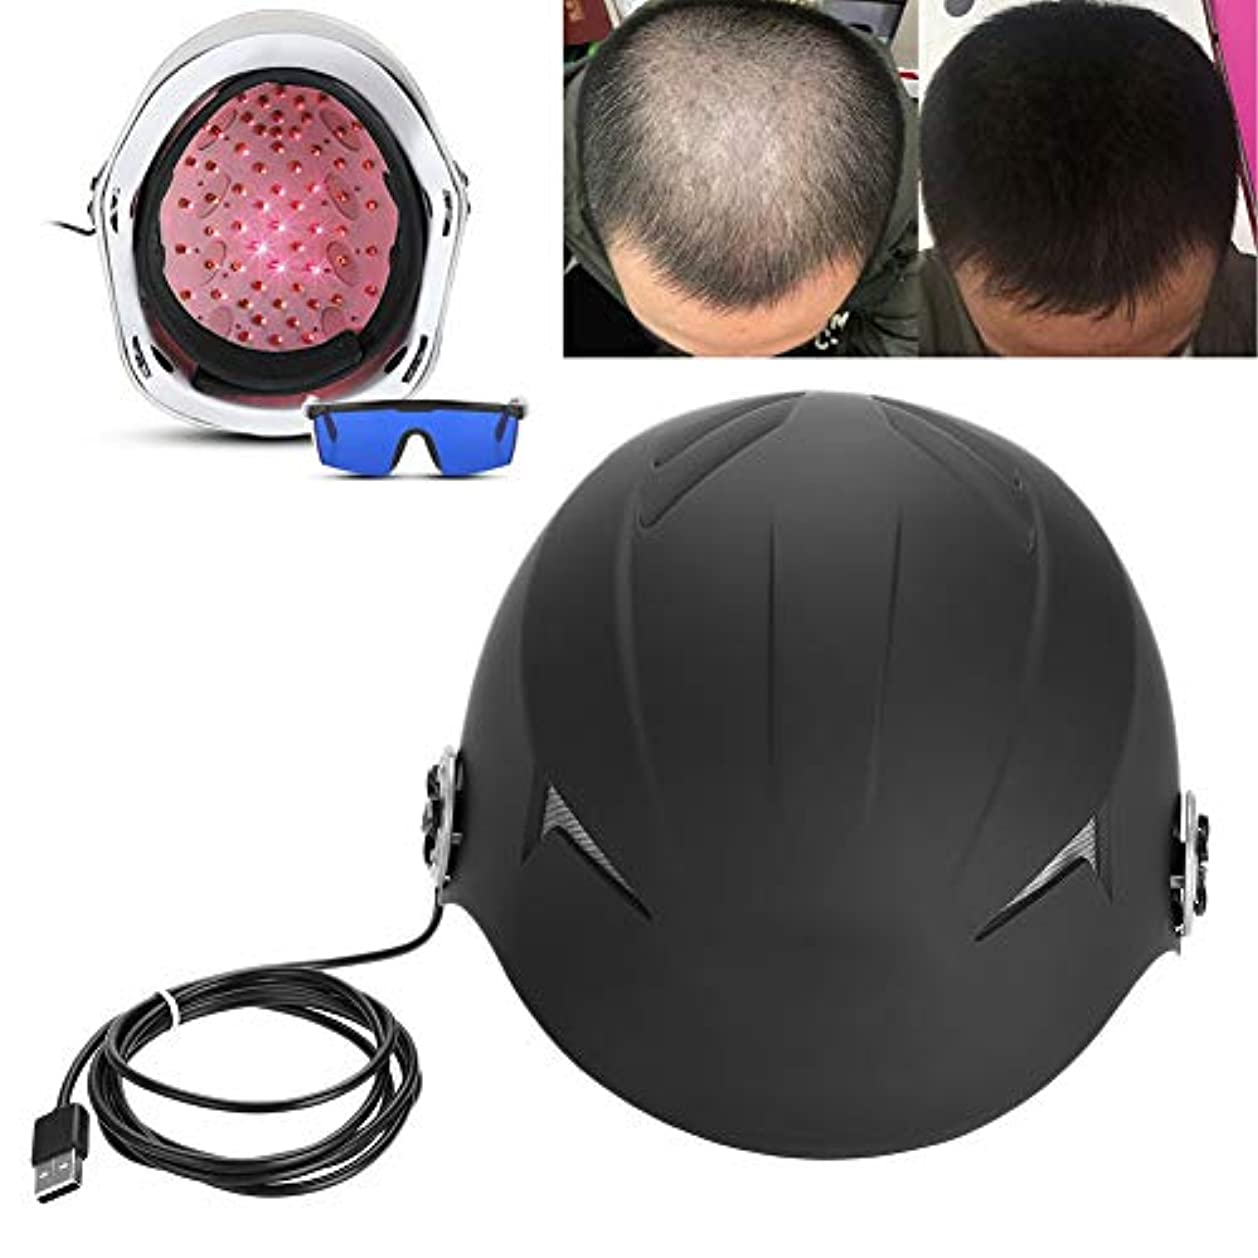 ヘアーレーザー育毛ヘルメット 68ダイオード育毛ヘルメット、速い成長治療のための赤外線育毛帽子そして抜け毛の問題を解決